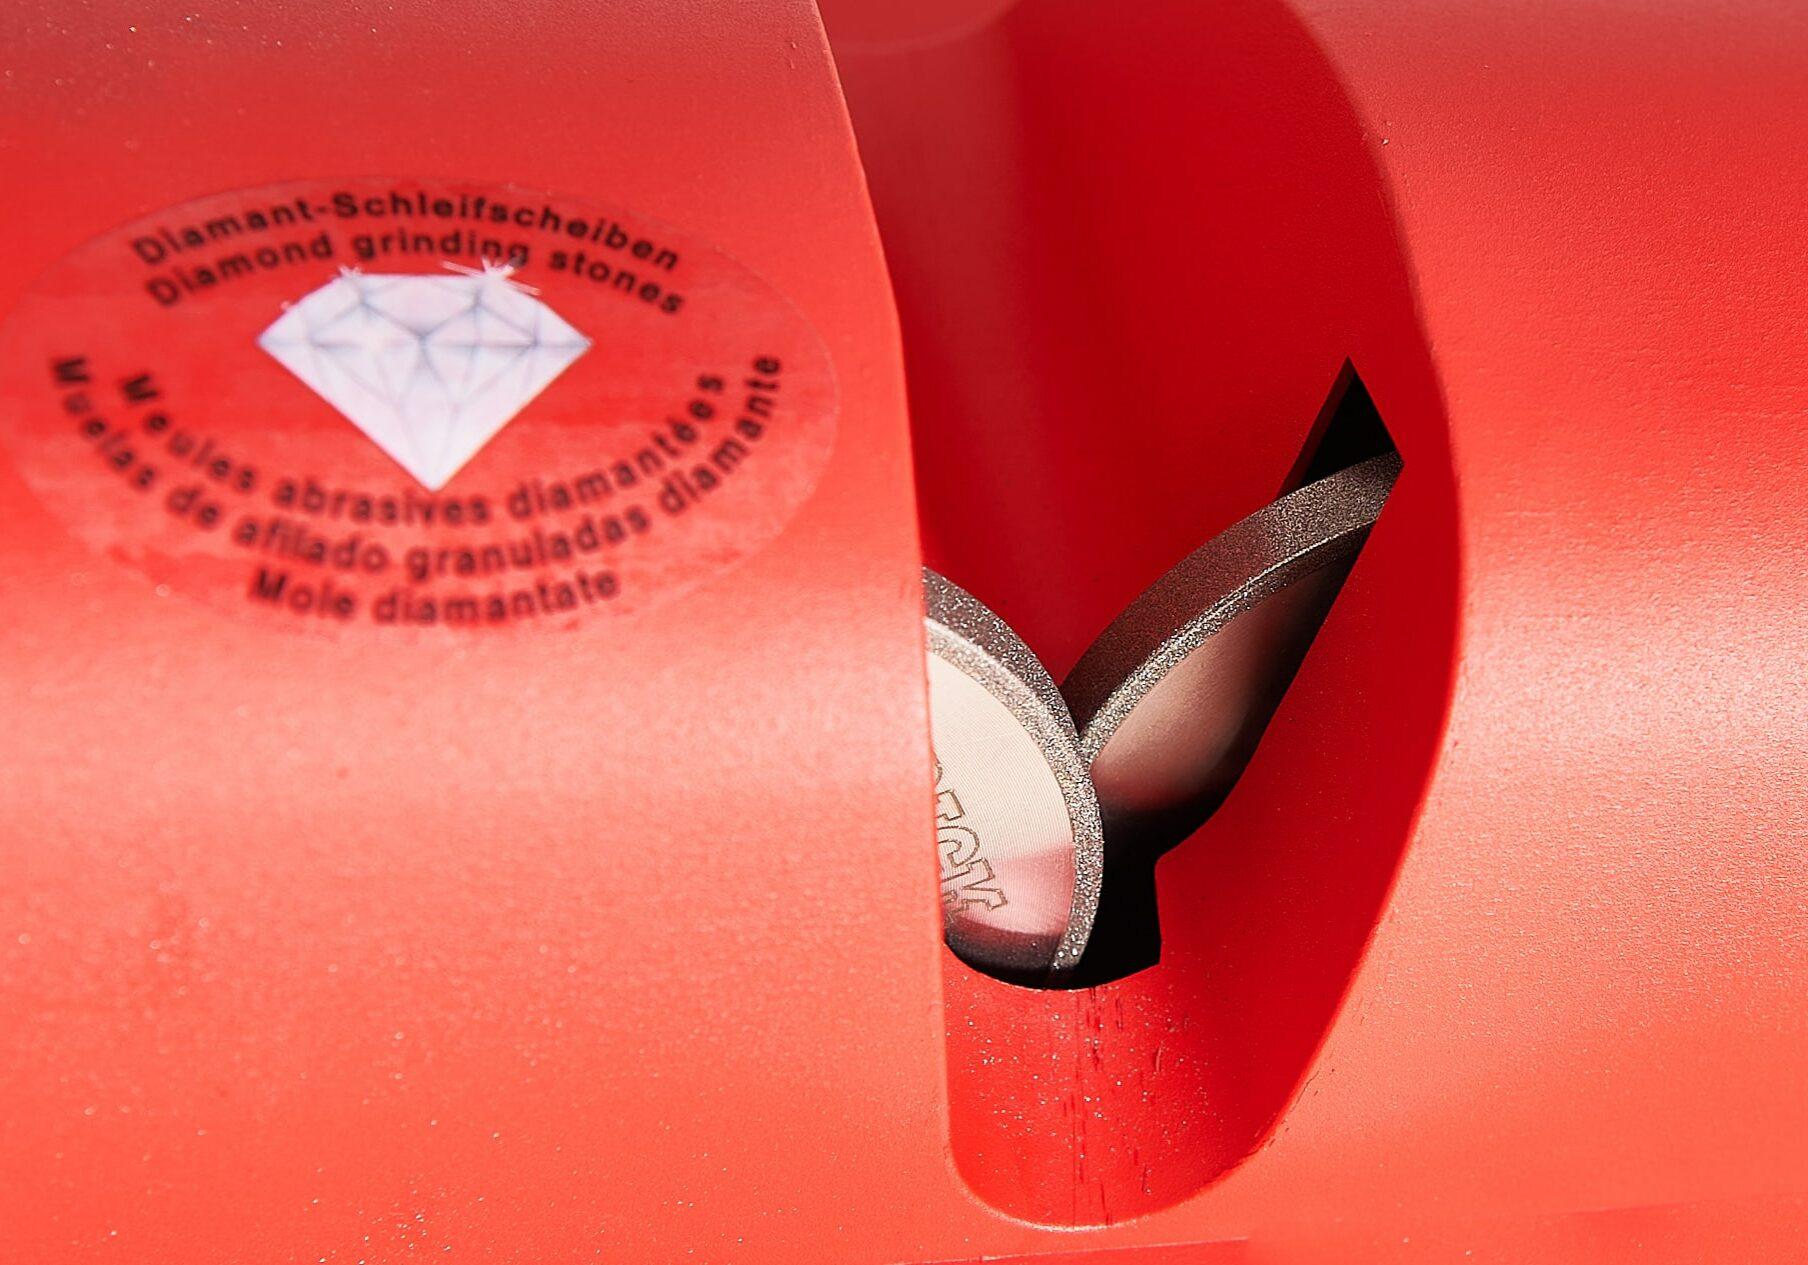 Cosmo Bar Messerschleif Service - Diamant Schleifscheiben